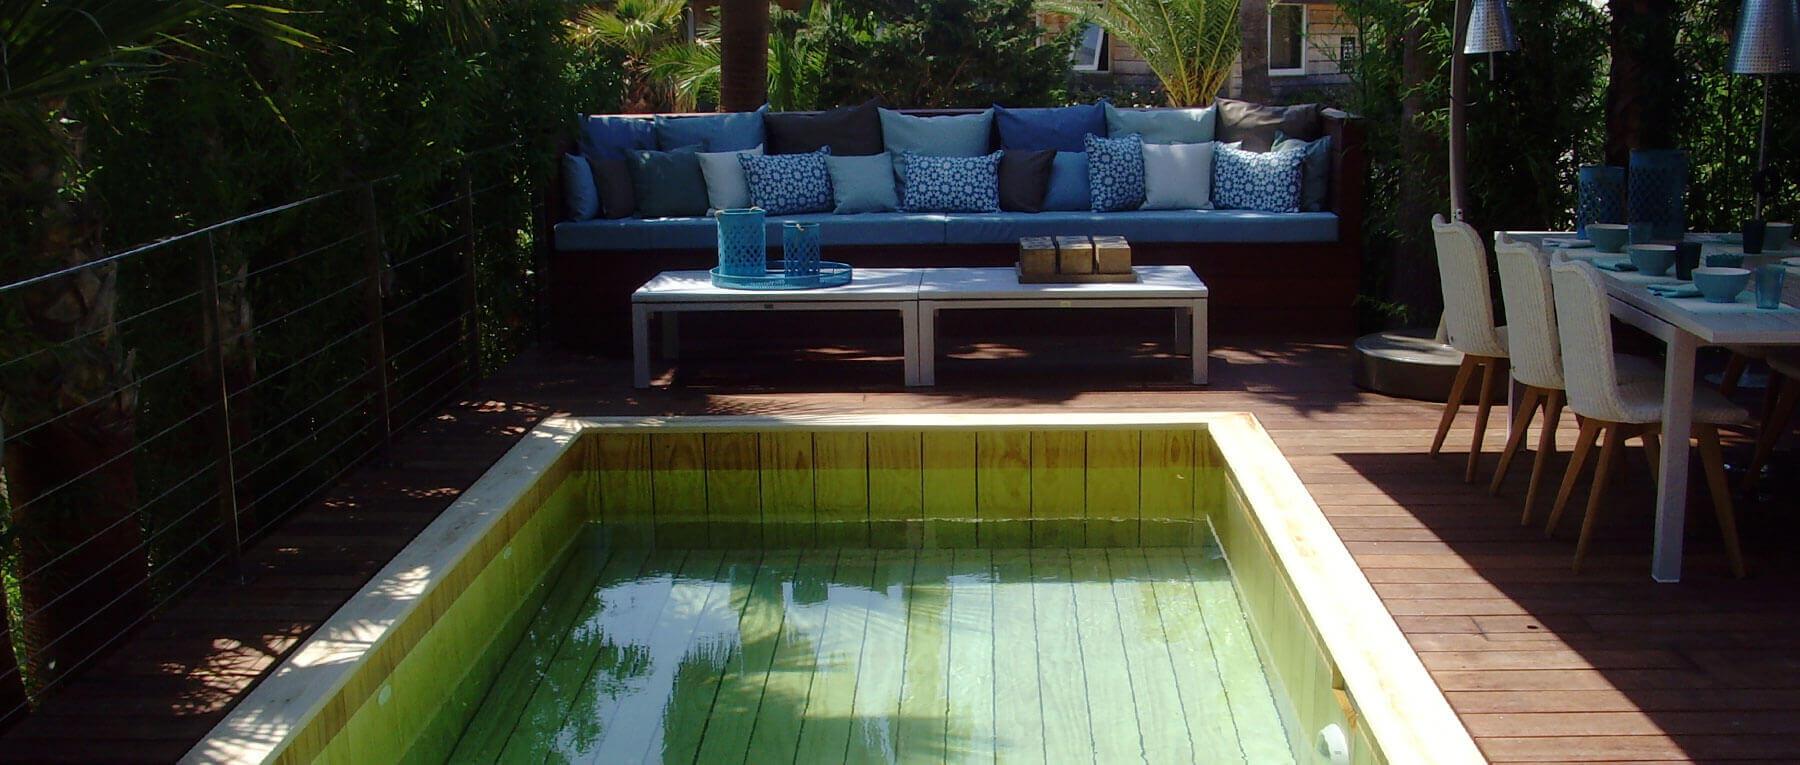 Fabricant piscine et jacuzzi spa sur mesure 100 bois for Fabricant de liner piscine